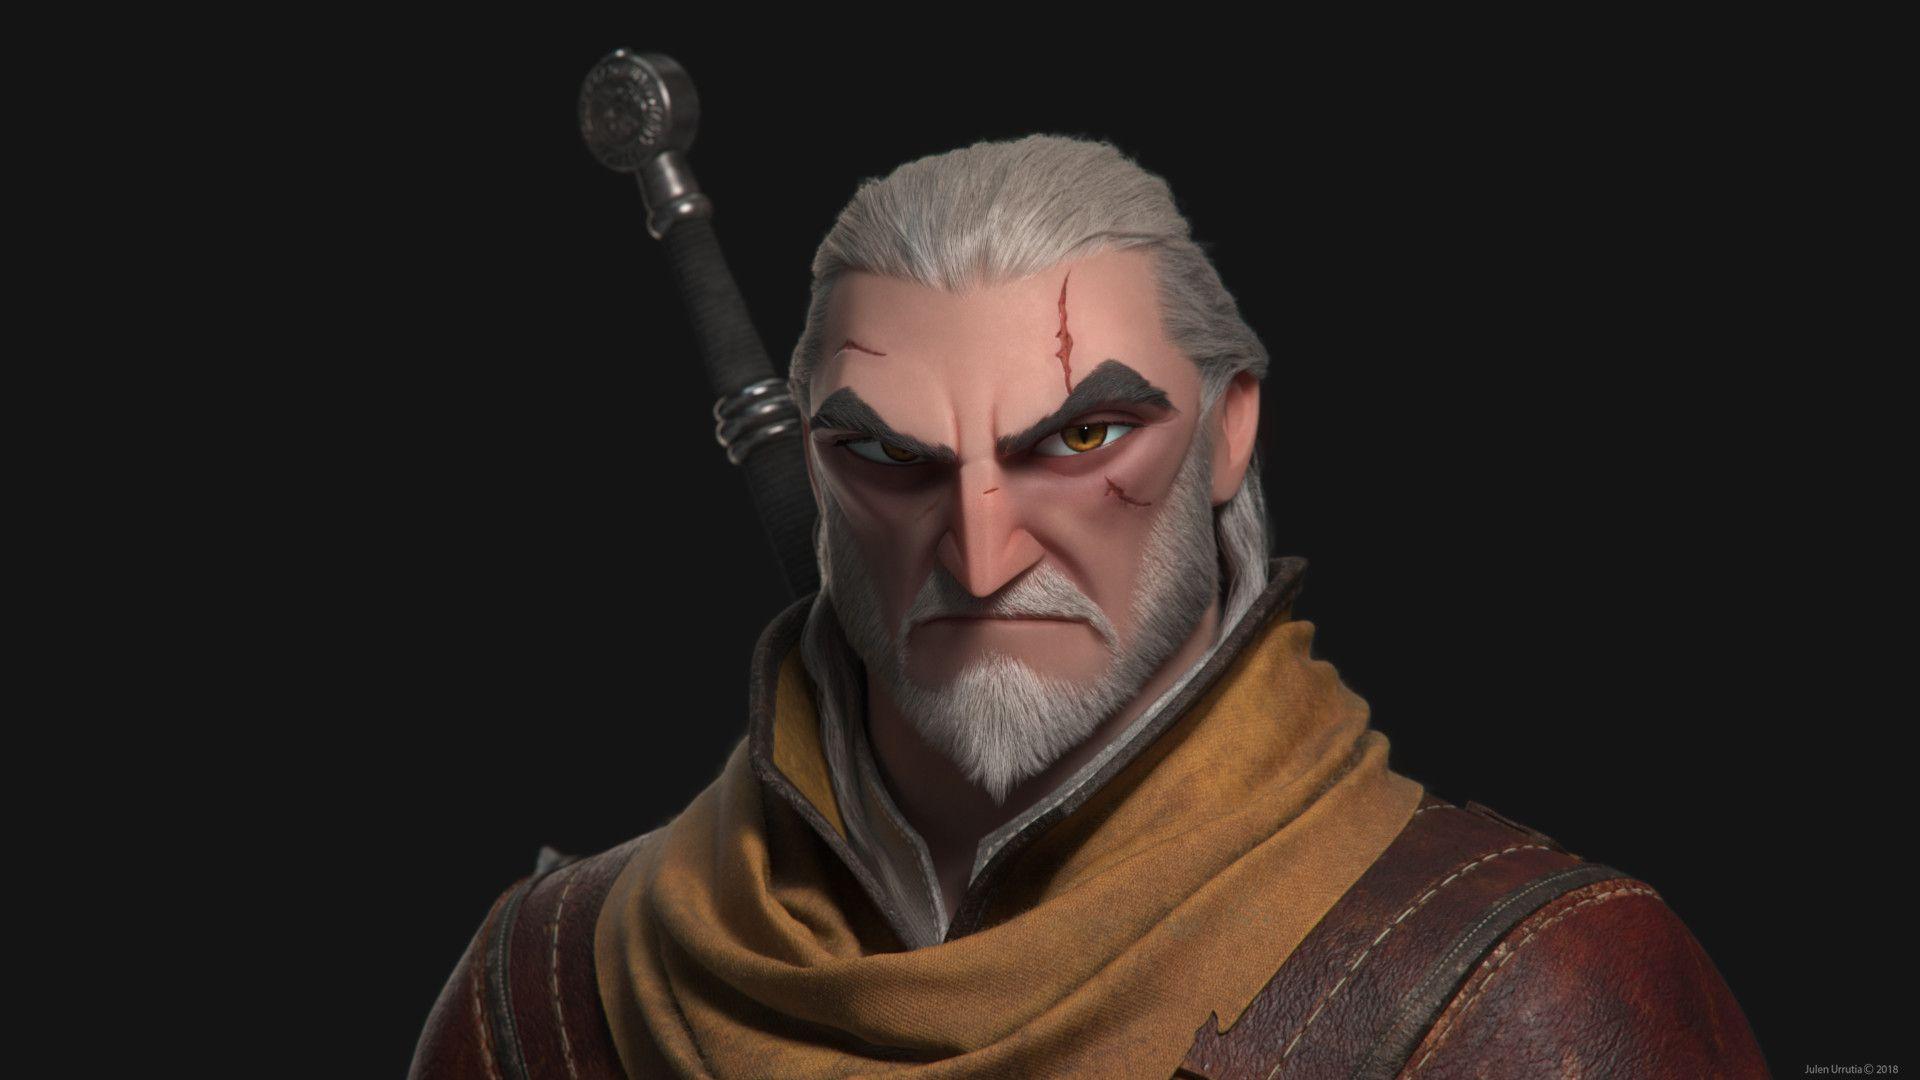 ArtStation - GERALT OF RIVIA - The Witcher III Wild Hunt ...